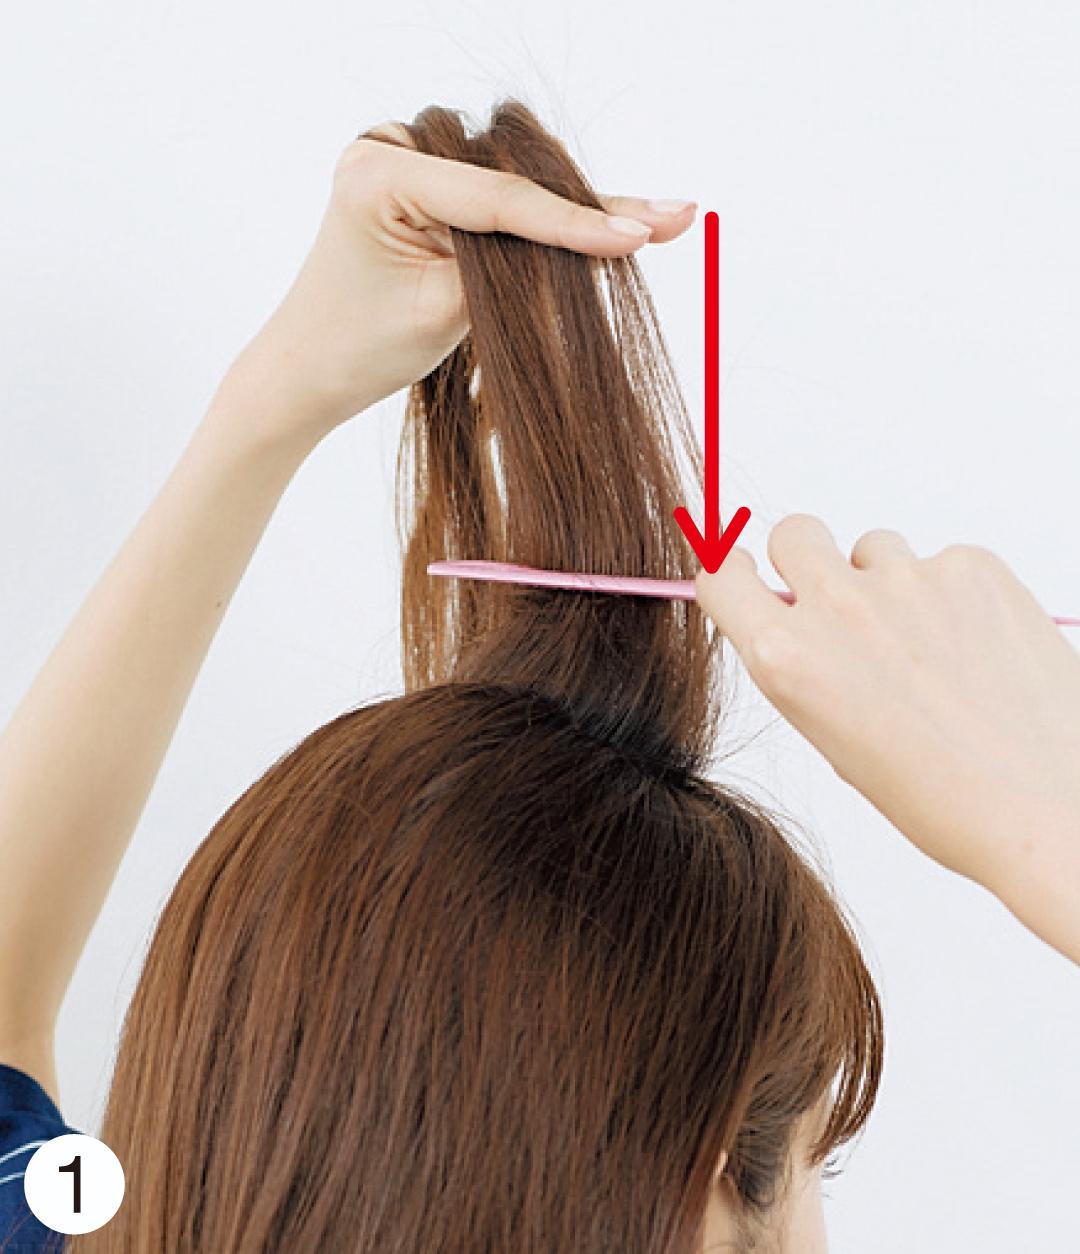 髪の毛全体は、コテでミックス巻きをしておいてね。それから、トップの毛束を取り、写真のようにコームで根元に逆毛を立てる。